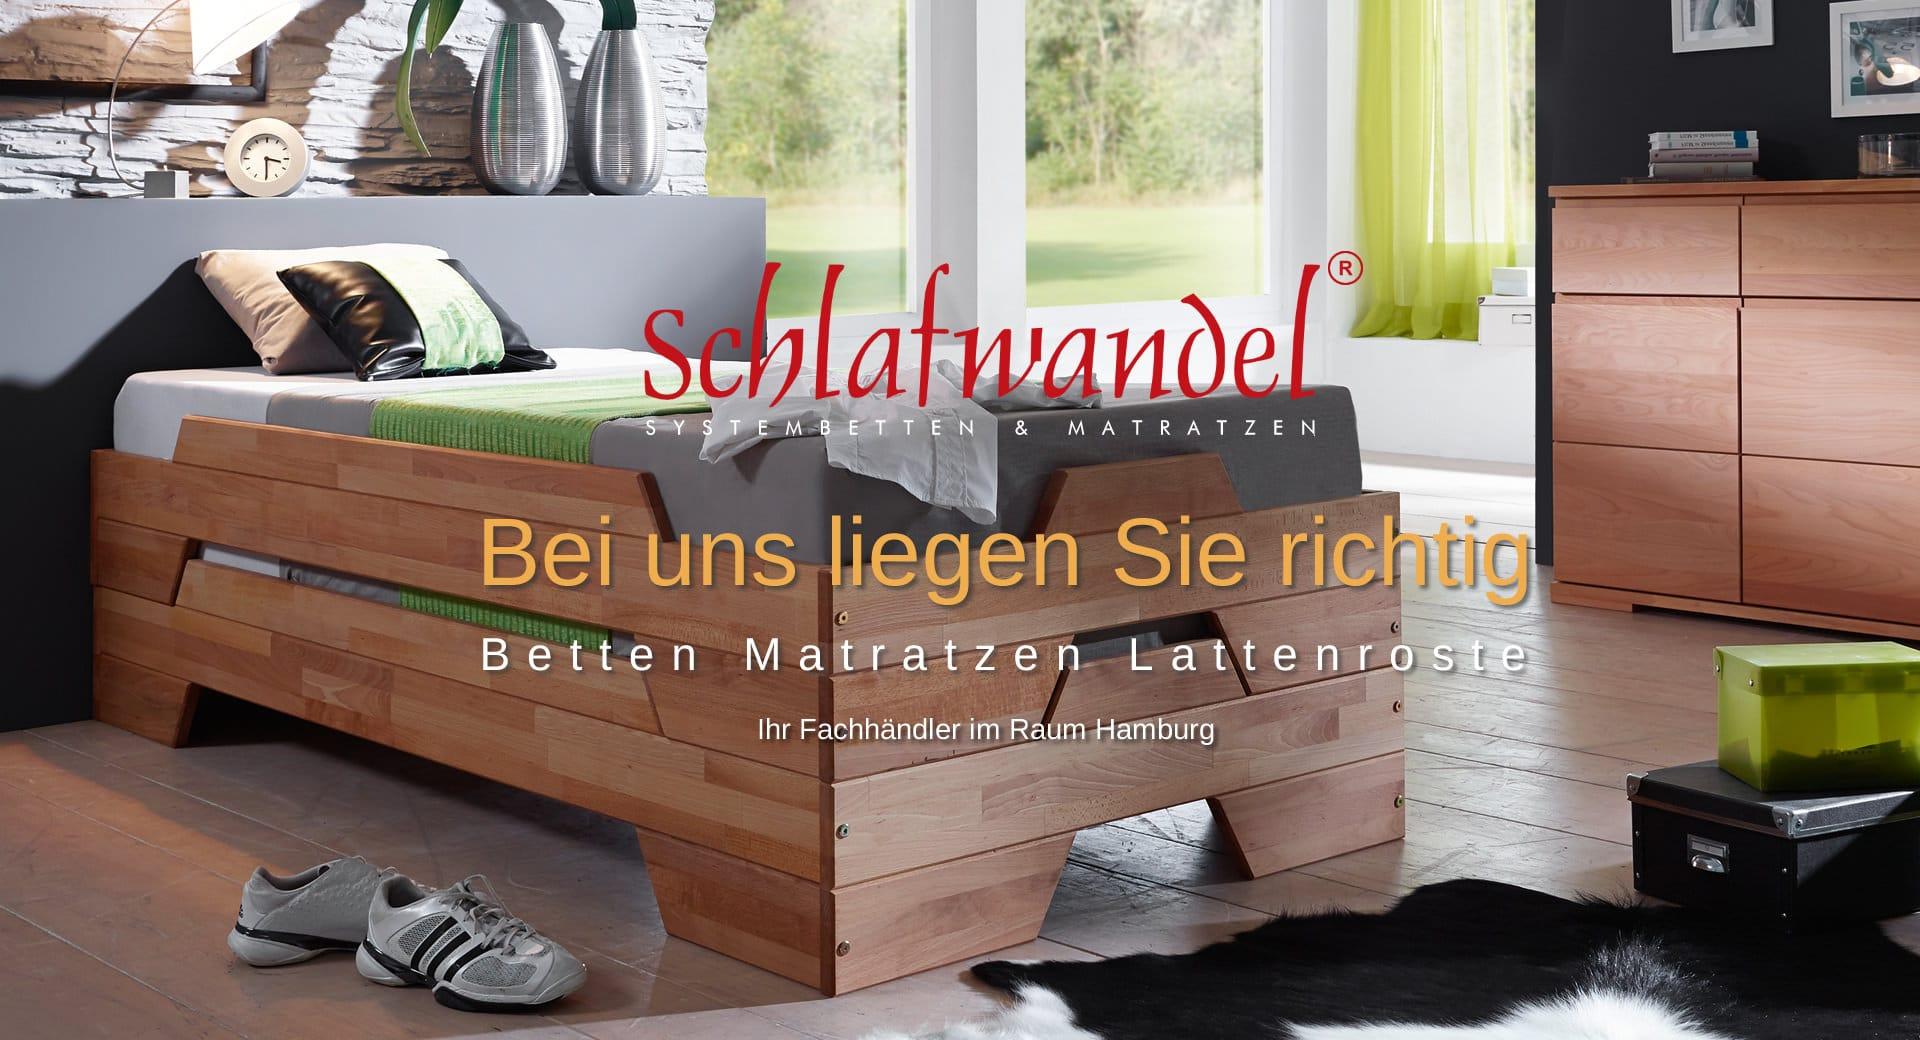 lattenroste ko rosen bettw sche ikea buddha schlafzimmer von otto lidl prospekt komplett in. Black Bedroom Furniture Sets. Home Design Ideas